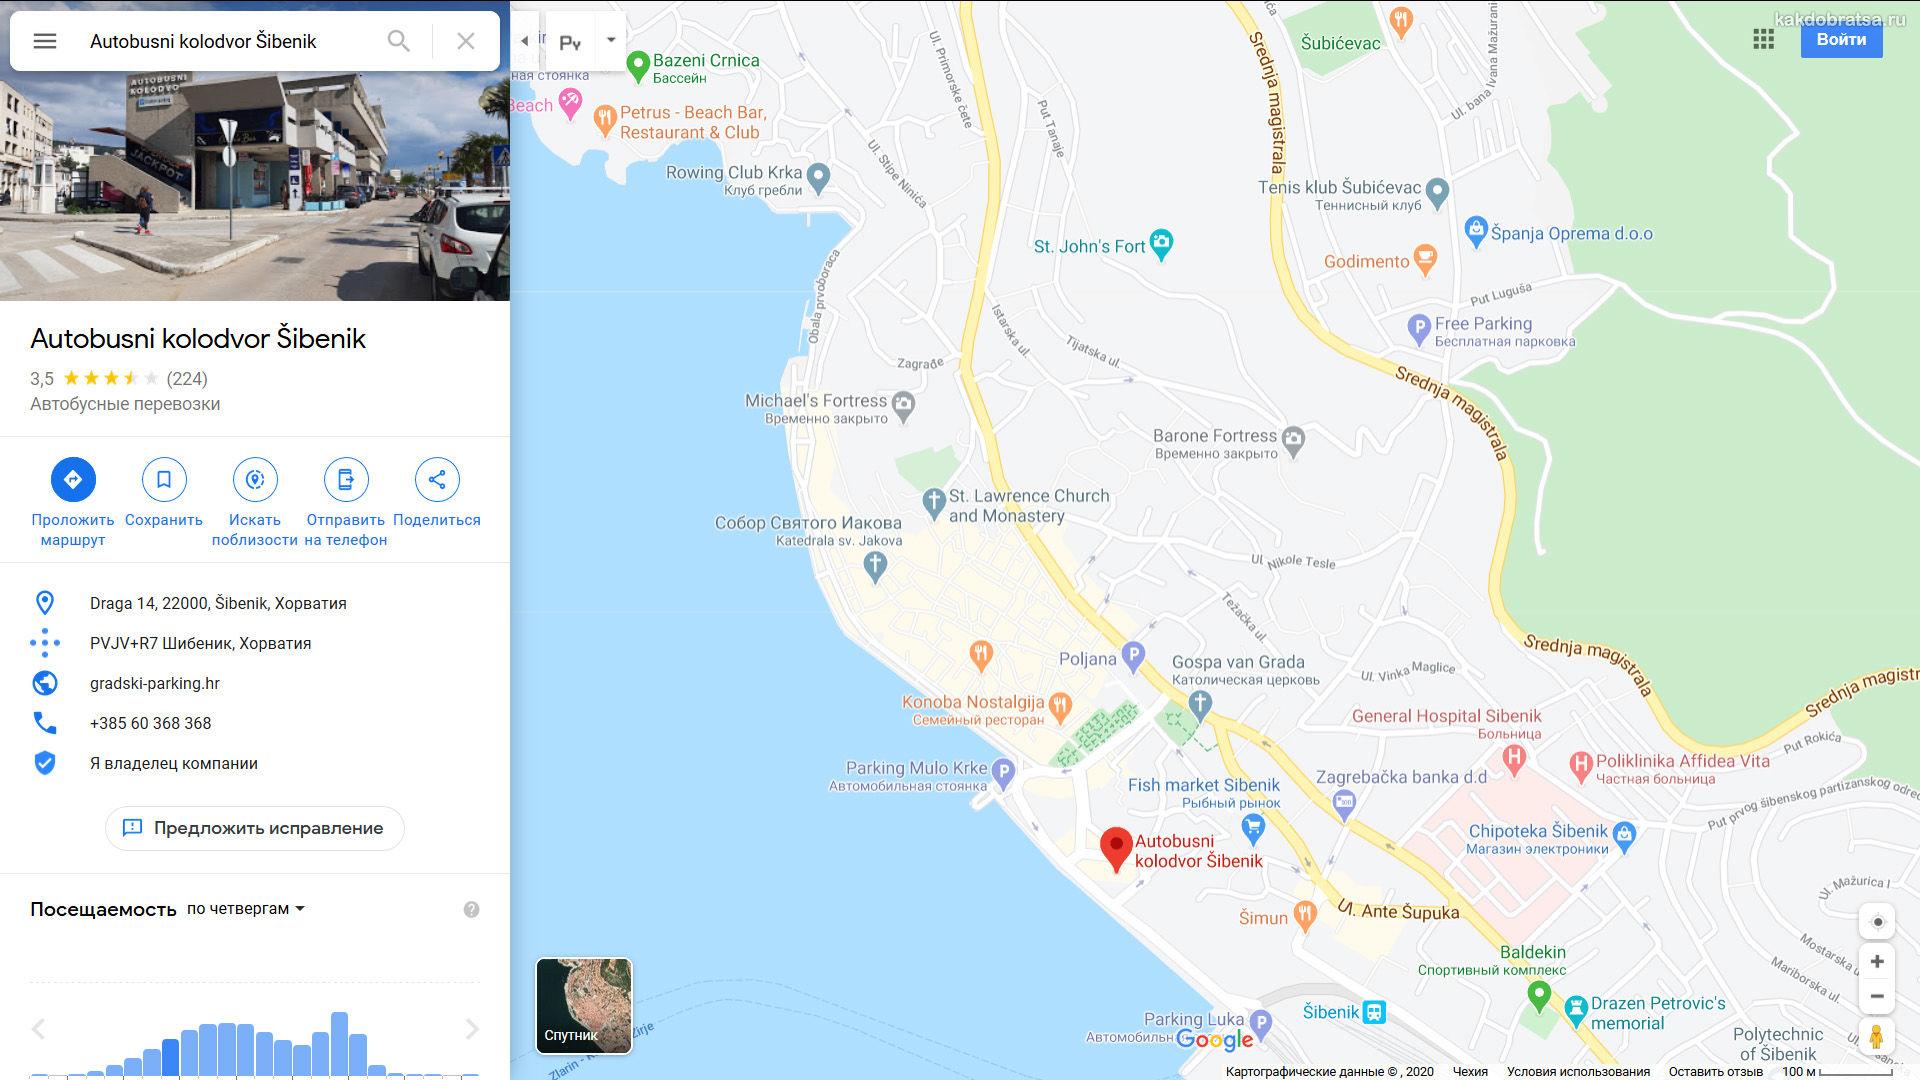 Автовокзал Шибеник на карте где находится